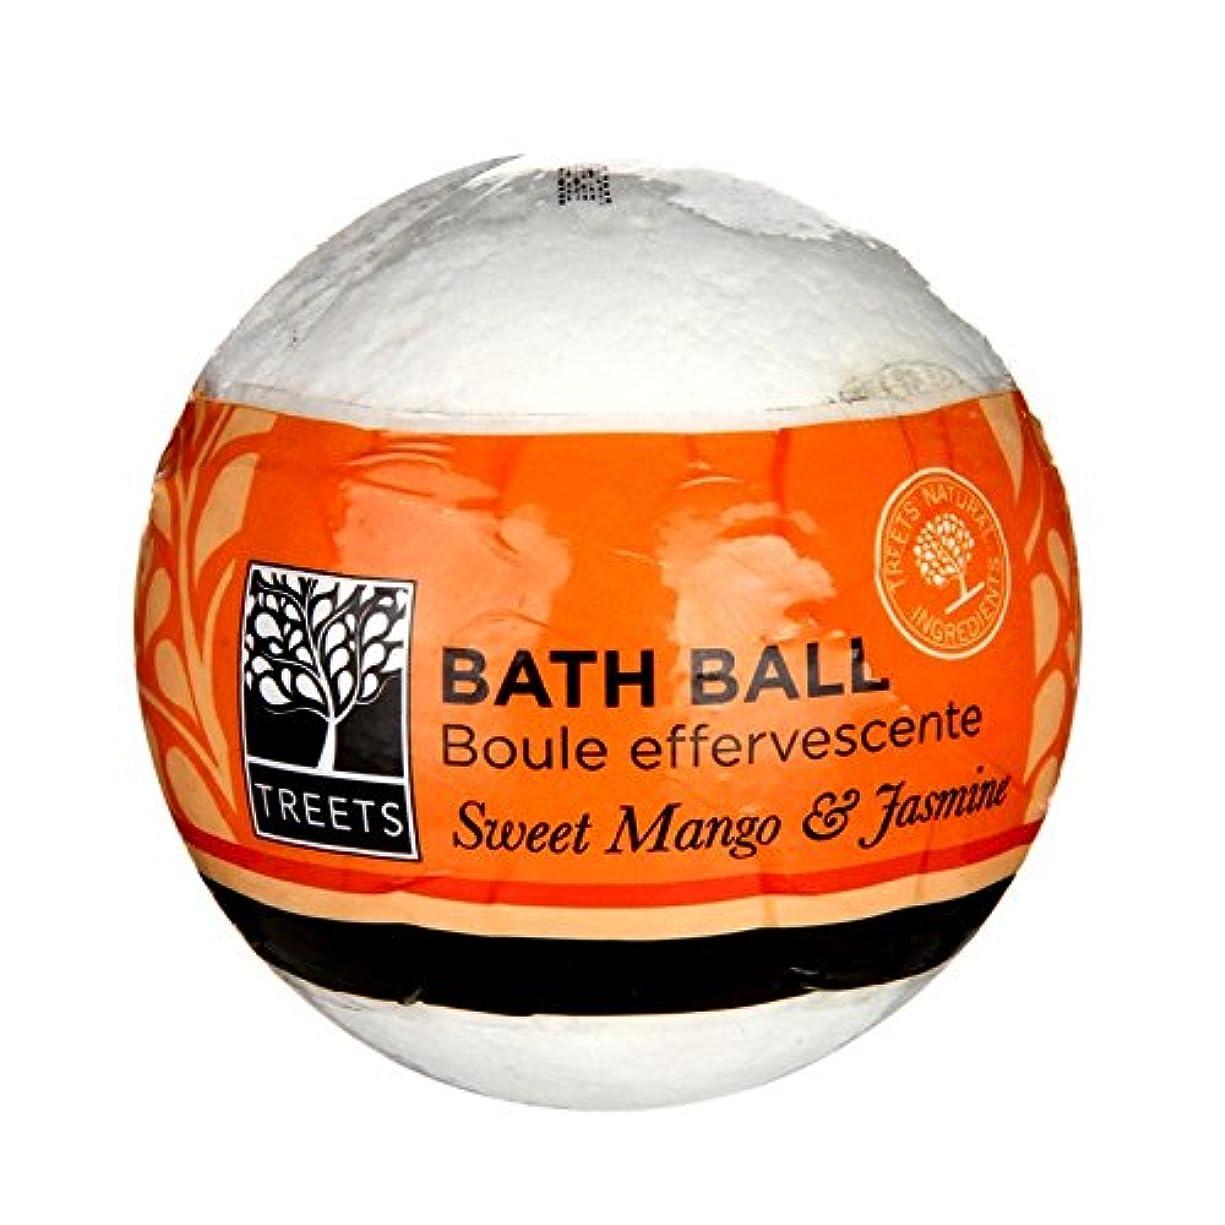 予防接種女優コインランドリーTreets甘いマンゴーとジャスミンバスボール - Treets Sweet Mango and Jasmine Bath Ball (Treets) [並行輸入品]